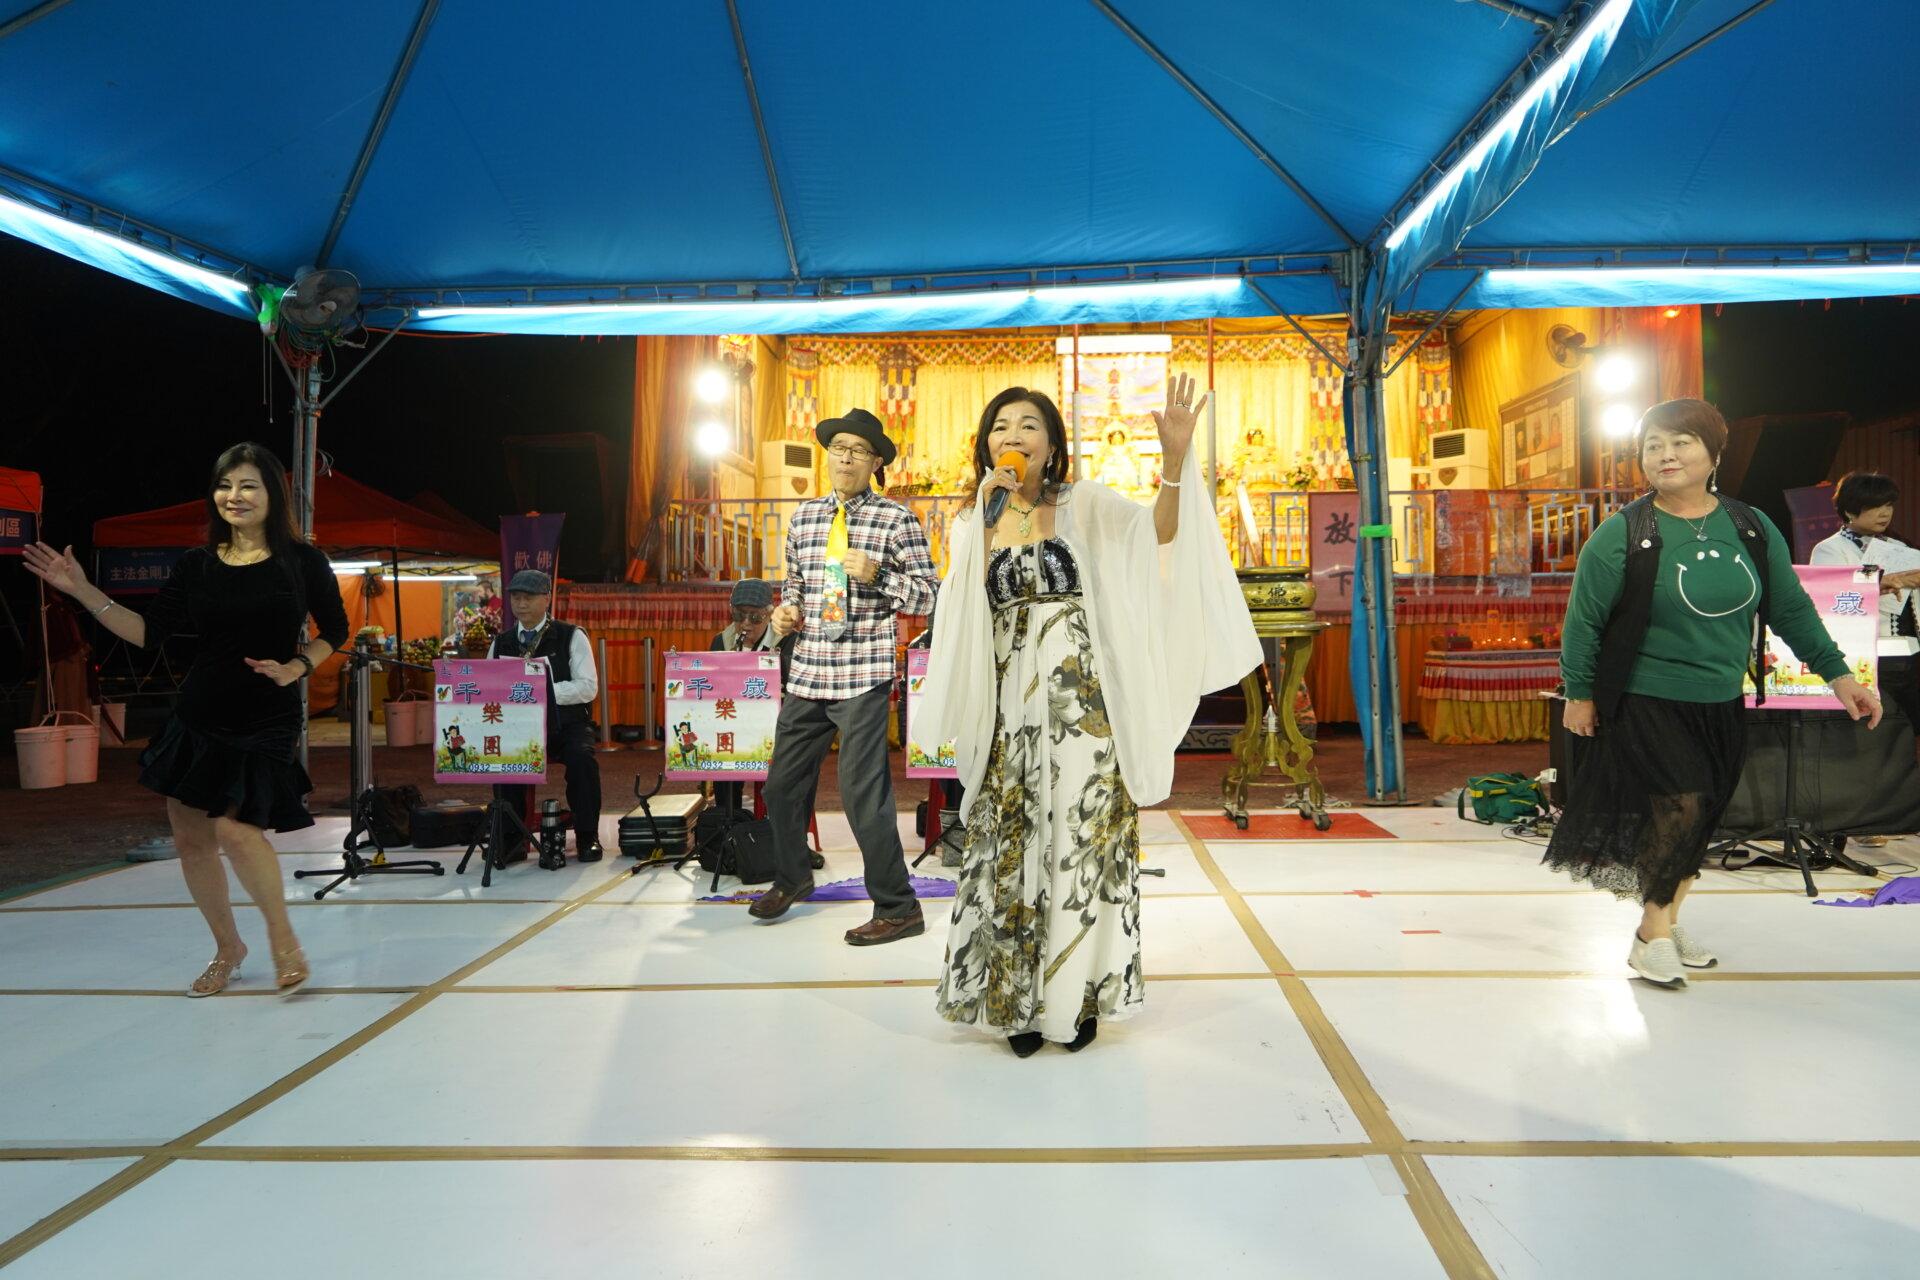 行動佛殿115站台南白河,雲林土庫千歲樂團